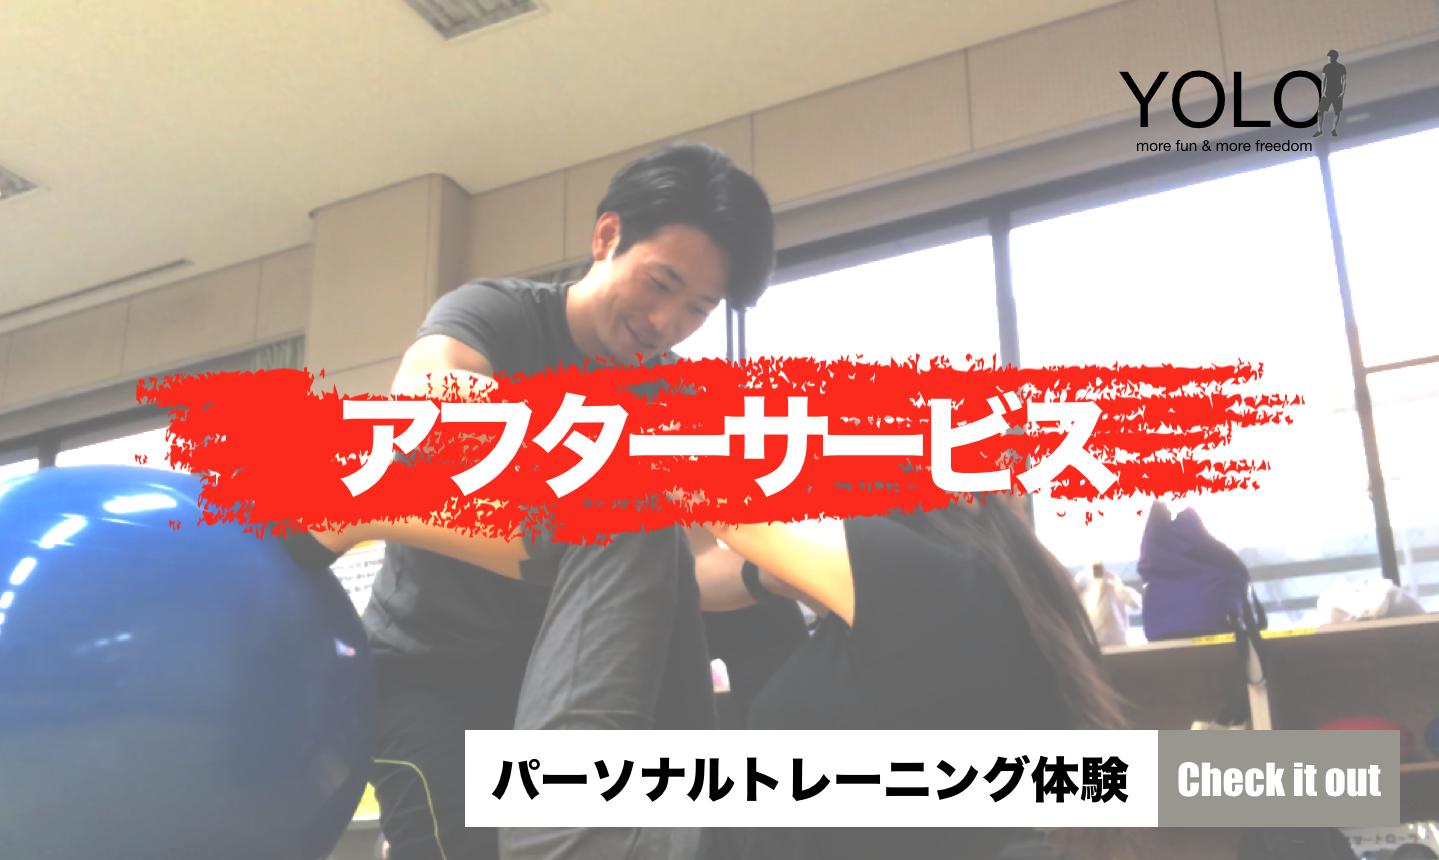 福岡出張パーソナルトレーナー YOLO 原田 アフターケア